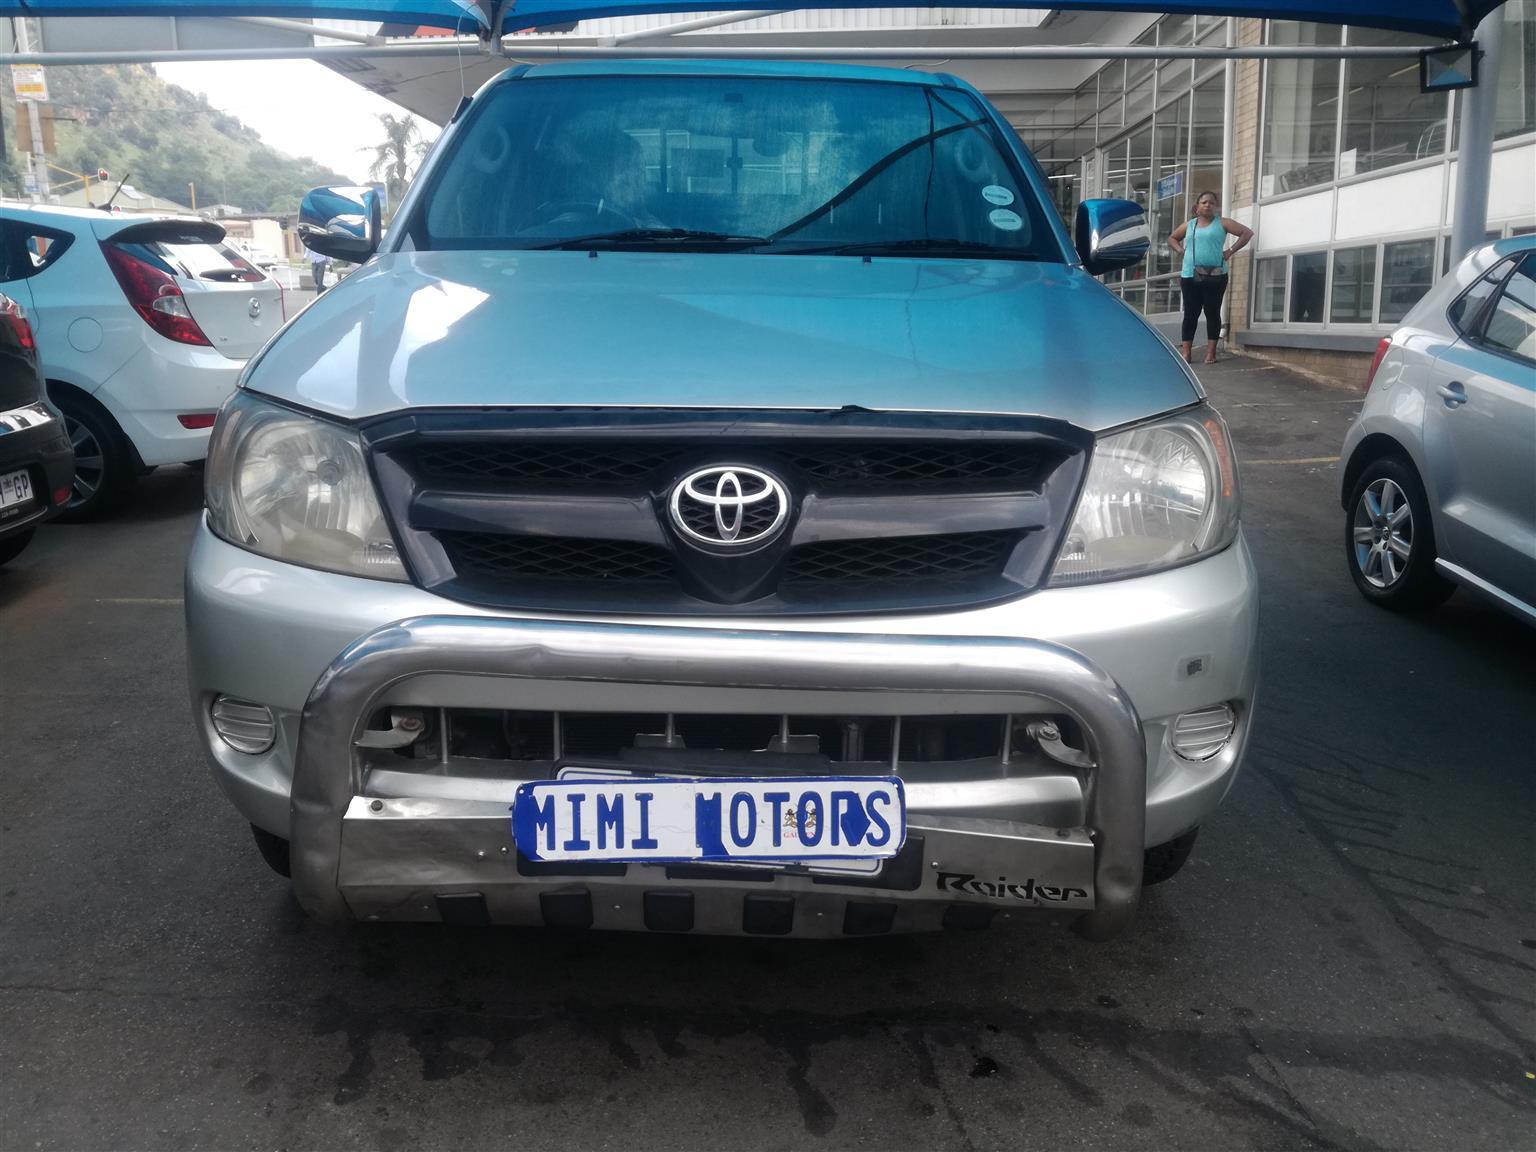 2006 Toyota Hilux double cab HILUX 2.7 VVTi RB S P/U D/C